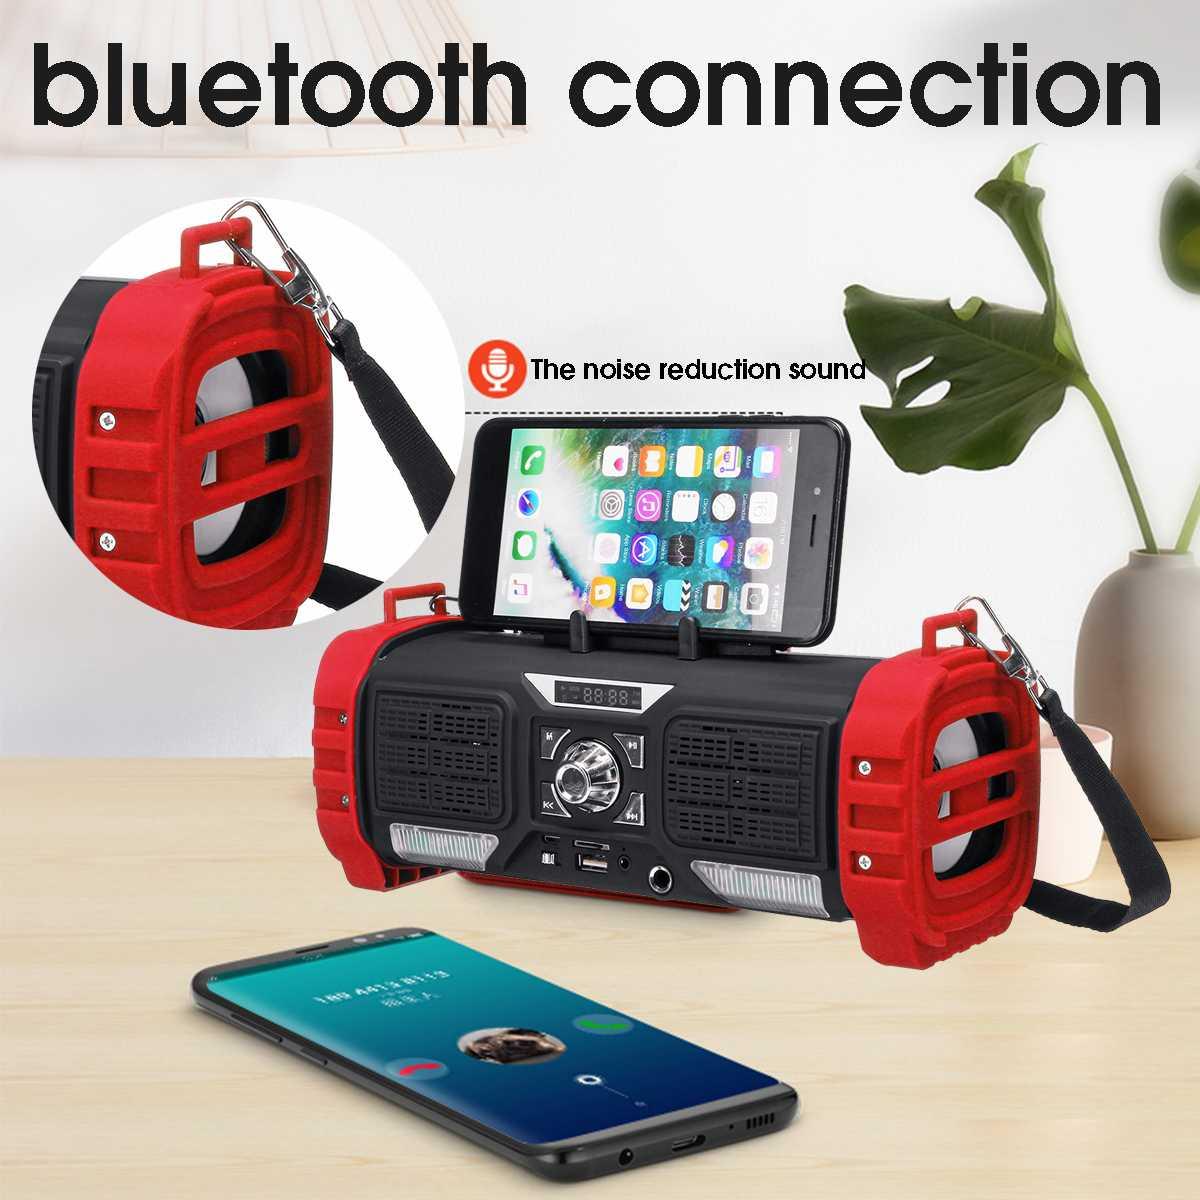 2200 mAh Tragbare Wireless bluetooth Lautsprecher 5 W Drahtlose Lautsprecher Digital Sound System Telefon Halter Lautsprecher W/Farbige Lichter